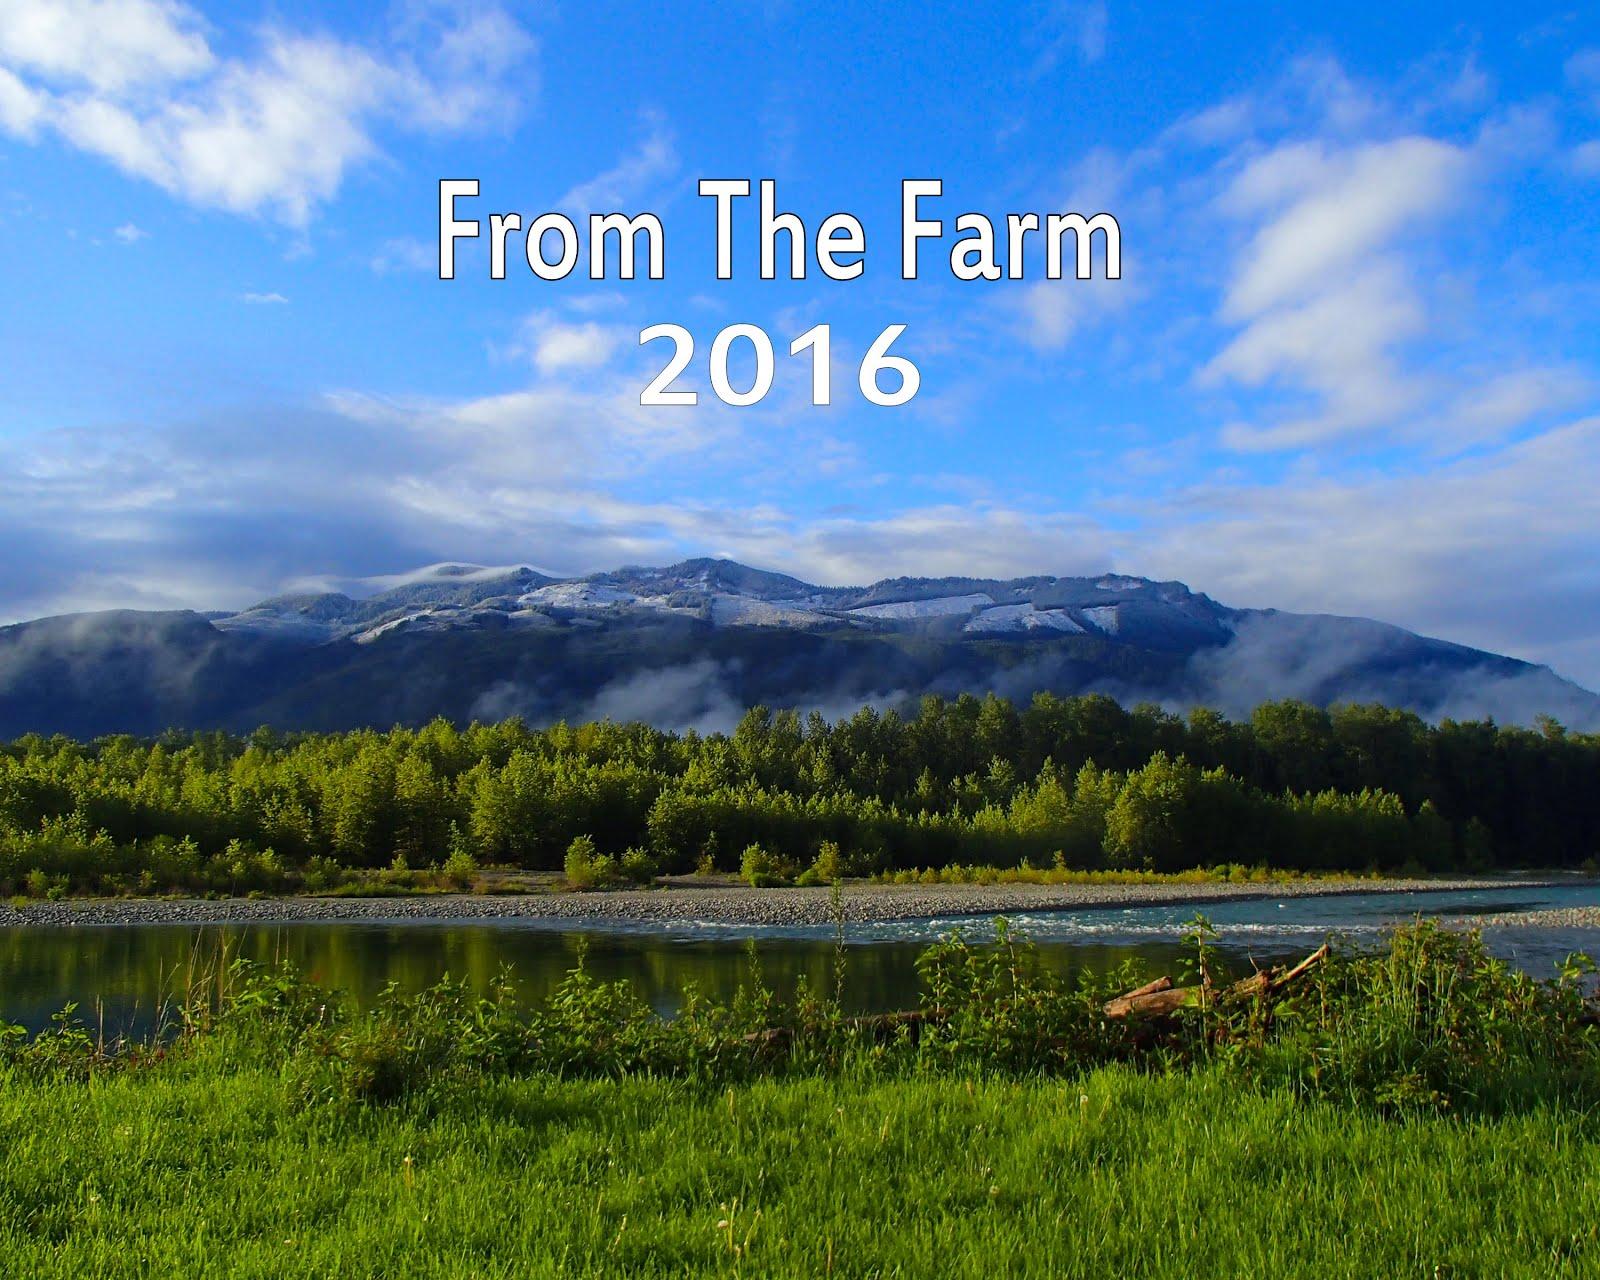 From The Farm 2016 Calendar